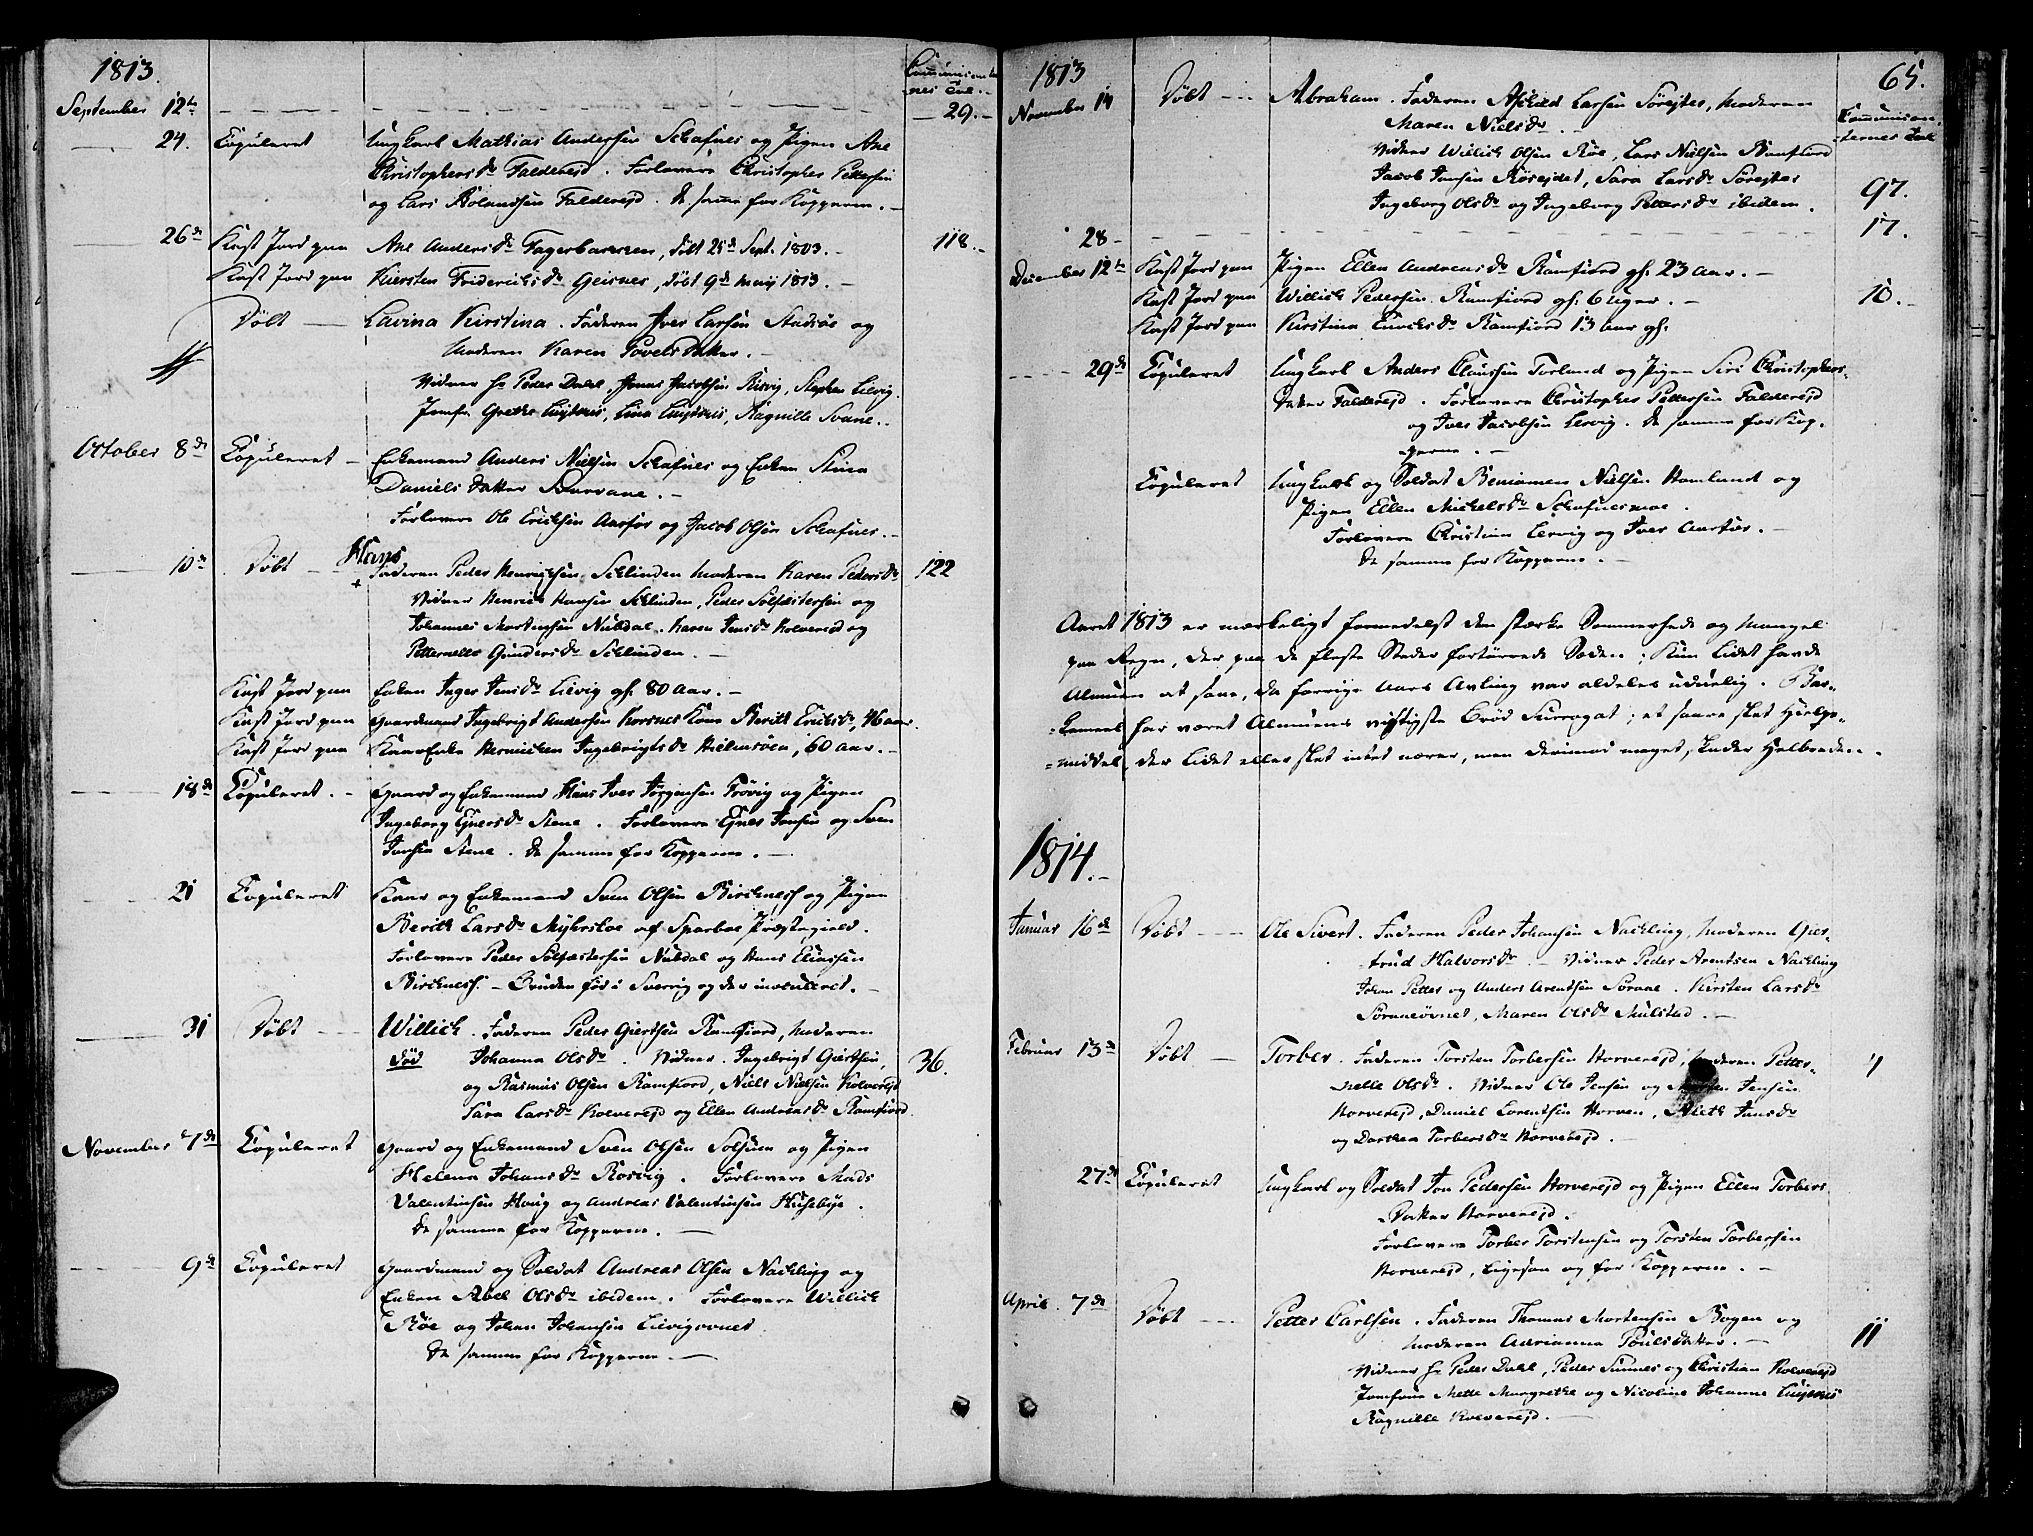 SAT, Ministerialprotokoller, klokkerbøker og fødselsregistre - Nord-Trøndelag, 780/L0633: Ministerialbok nr. 780A02 /1, 1787-1814, s. 65